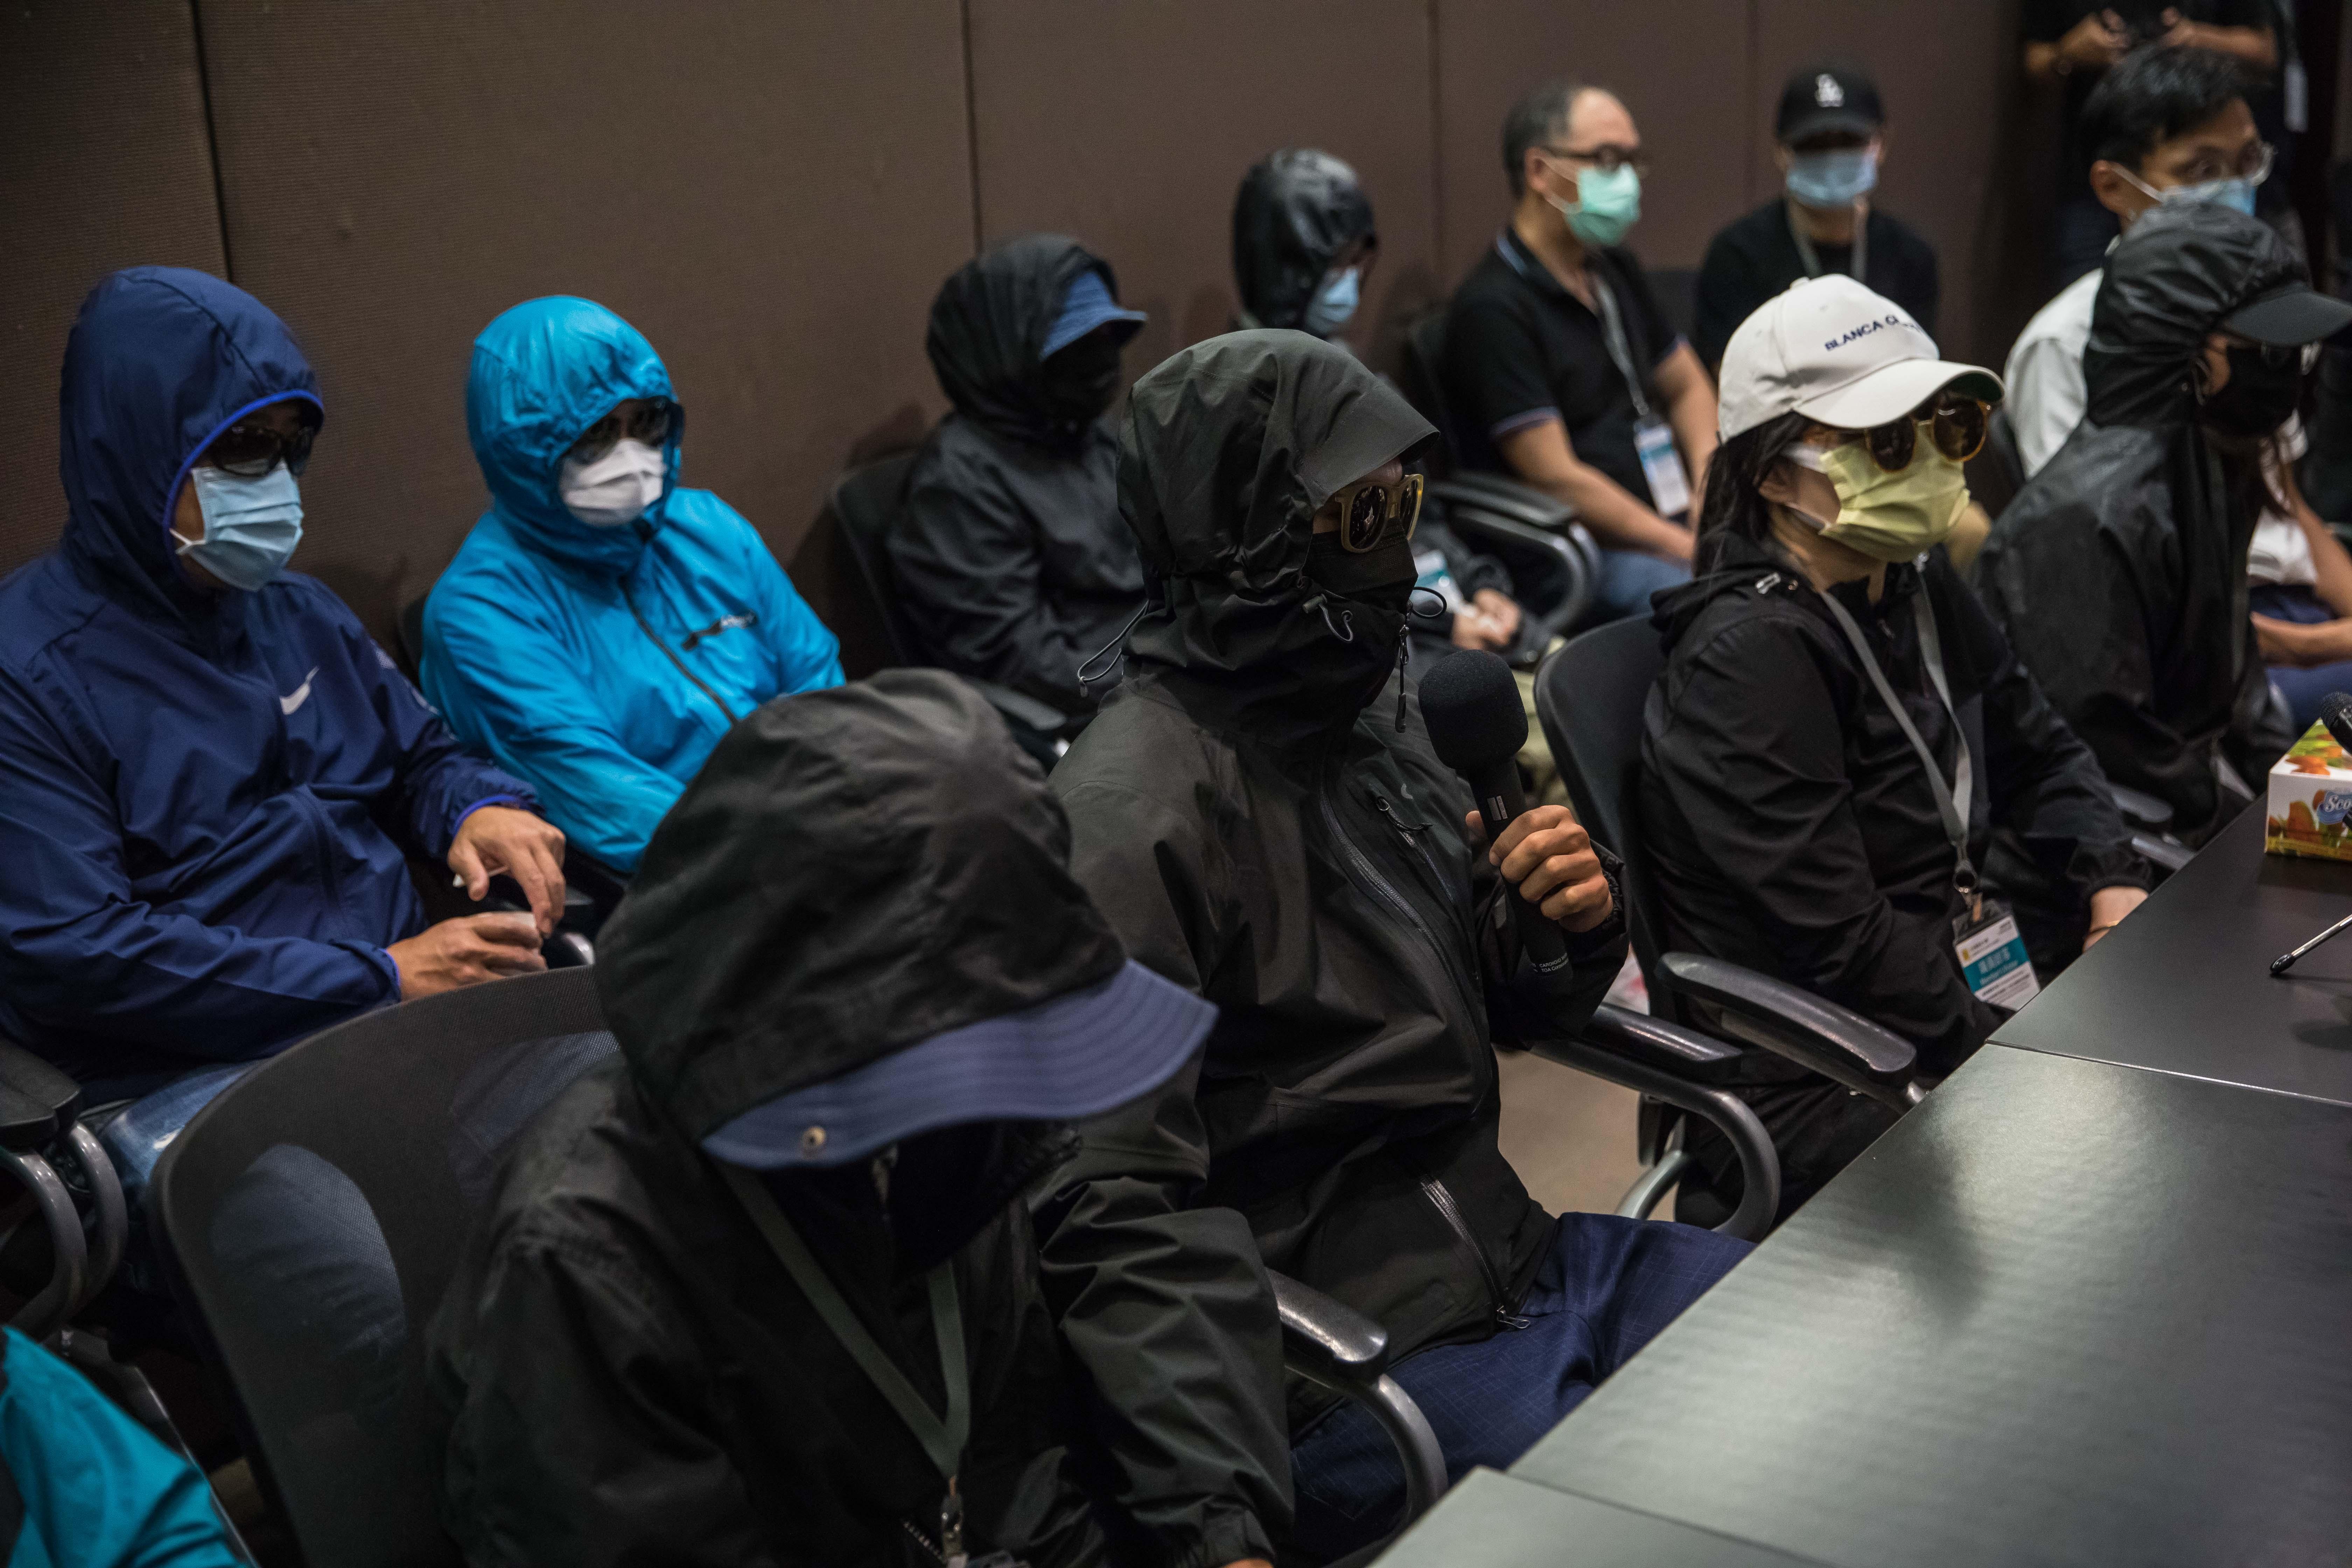 白宮聯署釋放12港青達標 台律師籲關注港人權